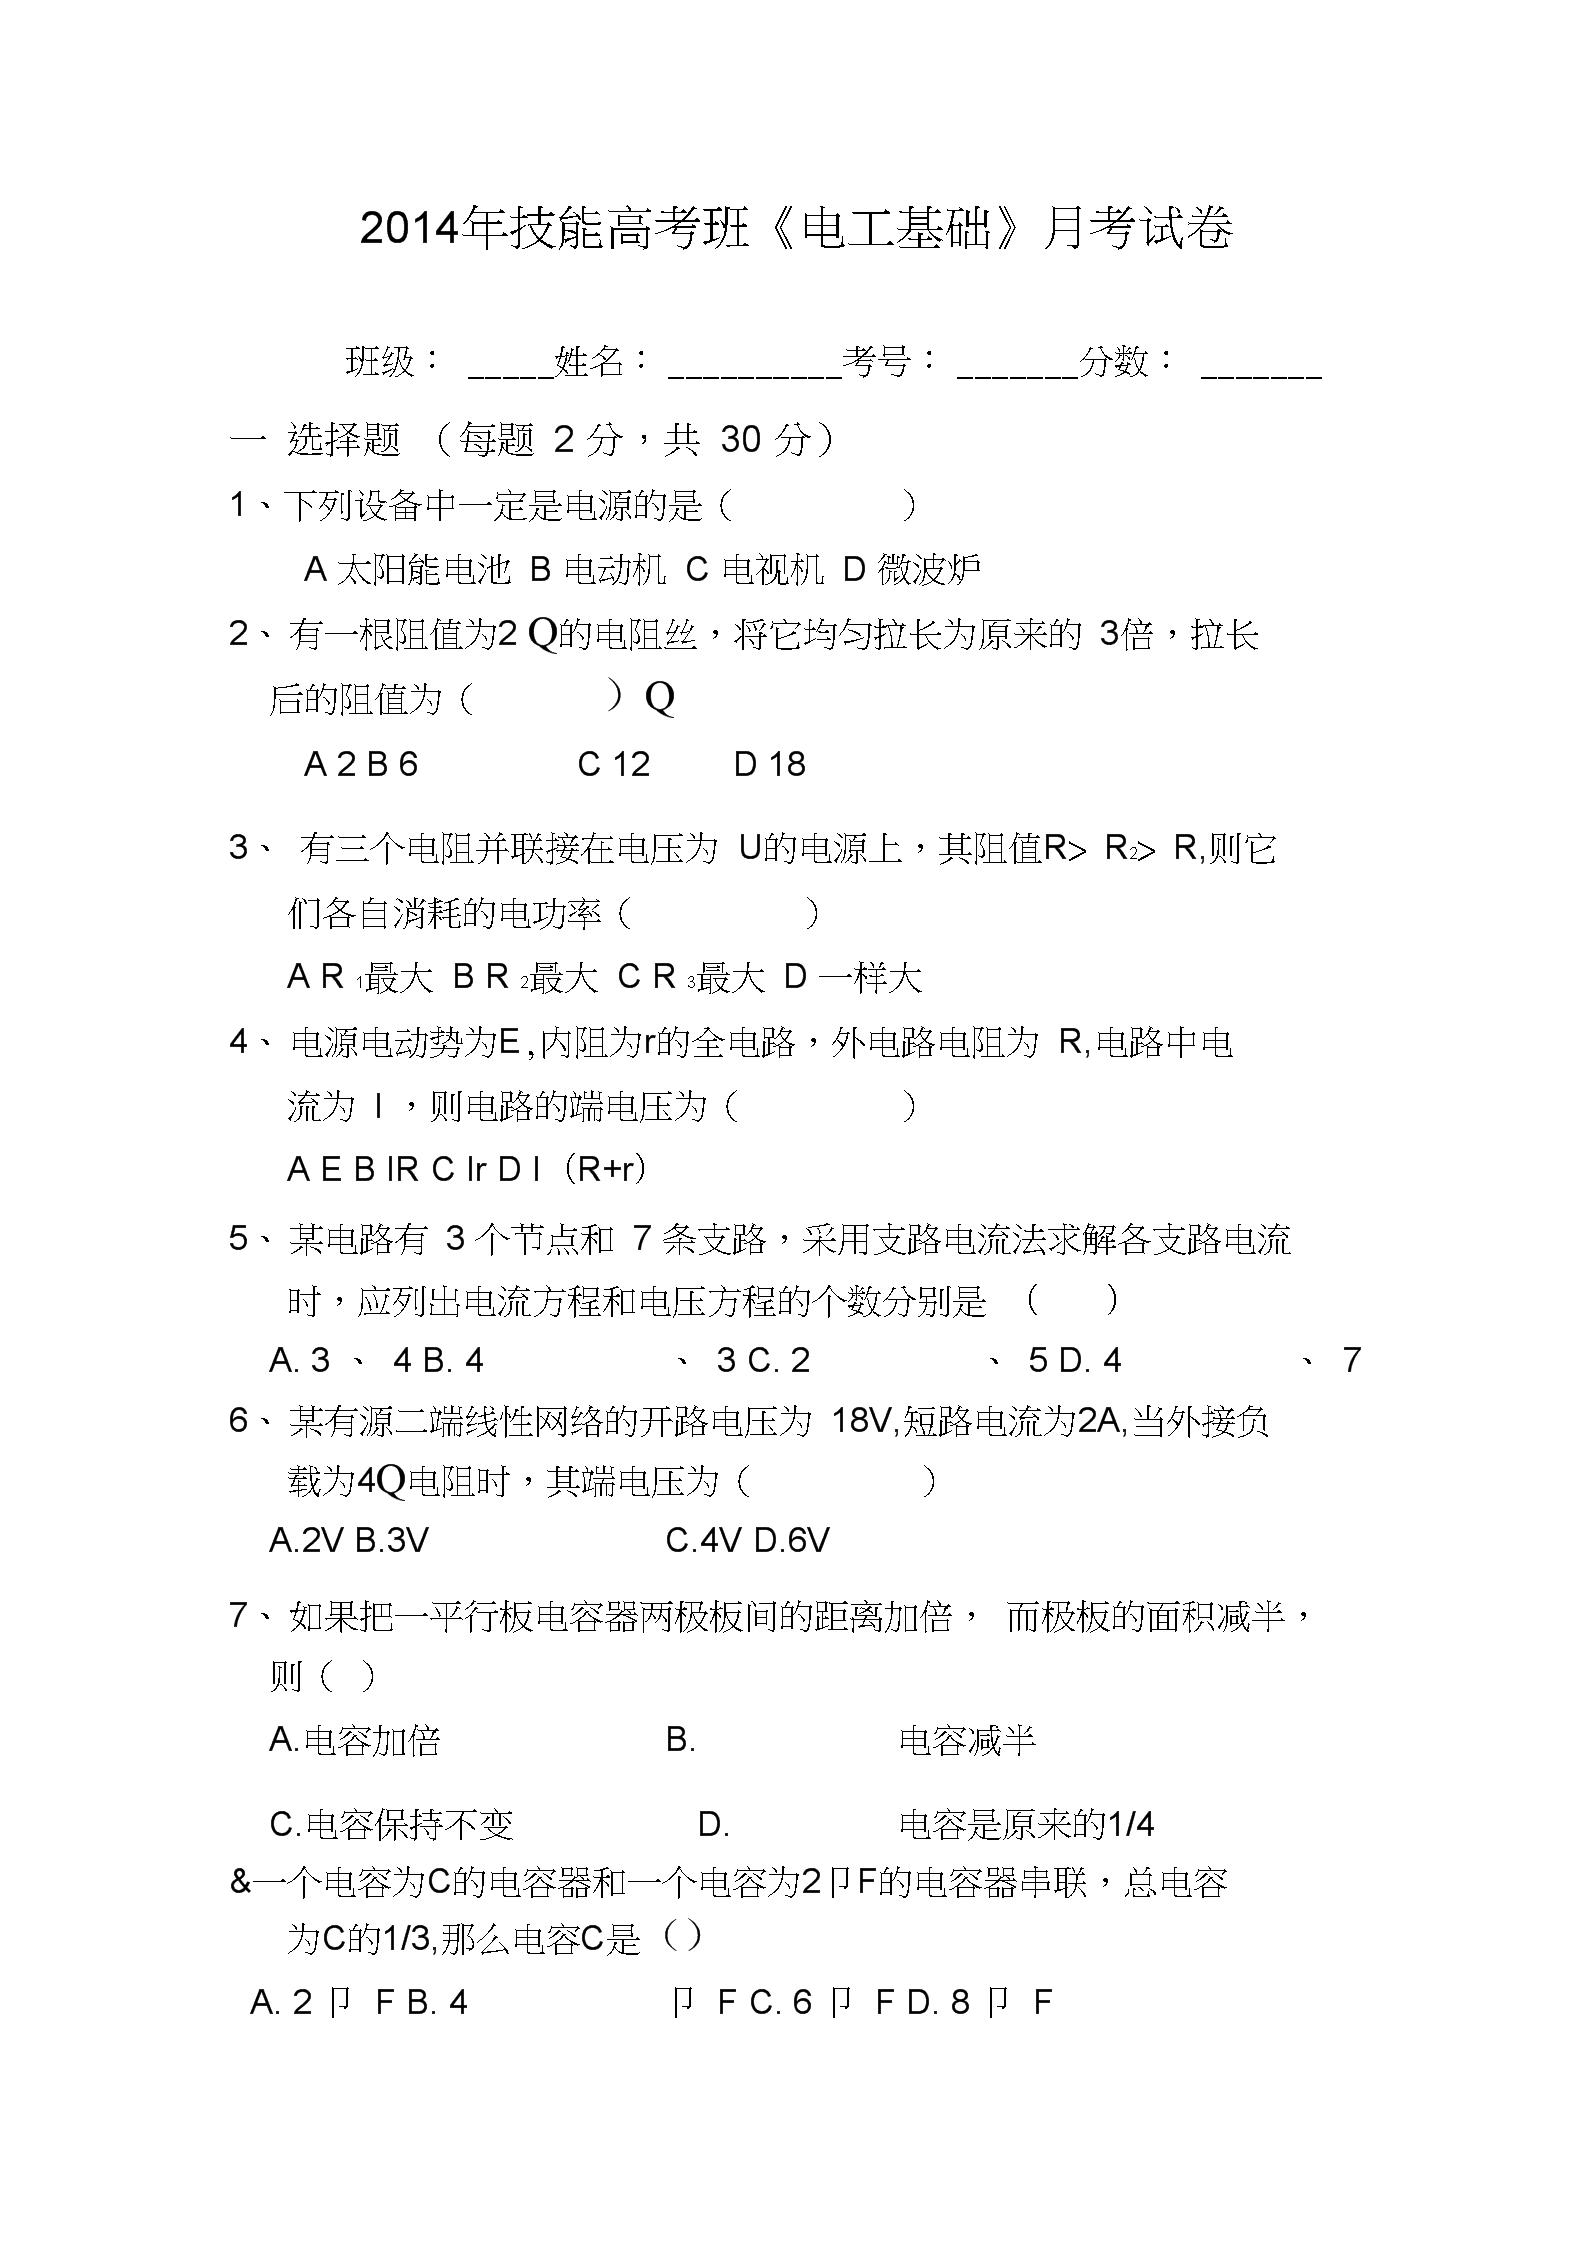 高职统考电工月考试卷冯继红2014.docx